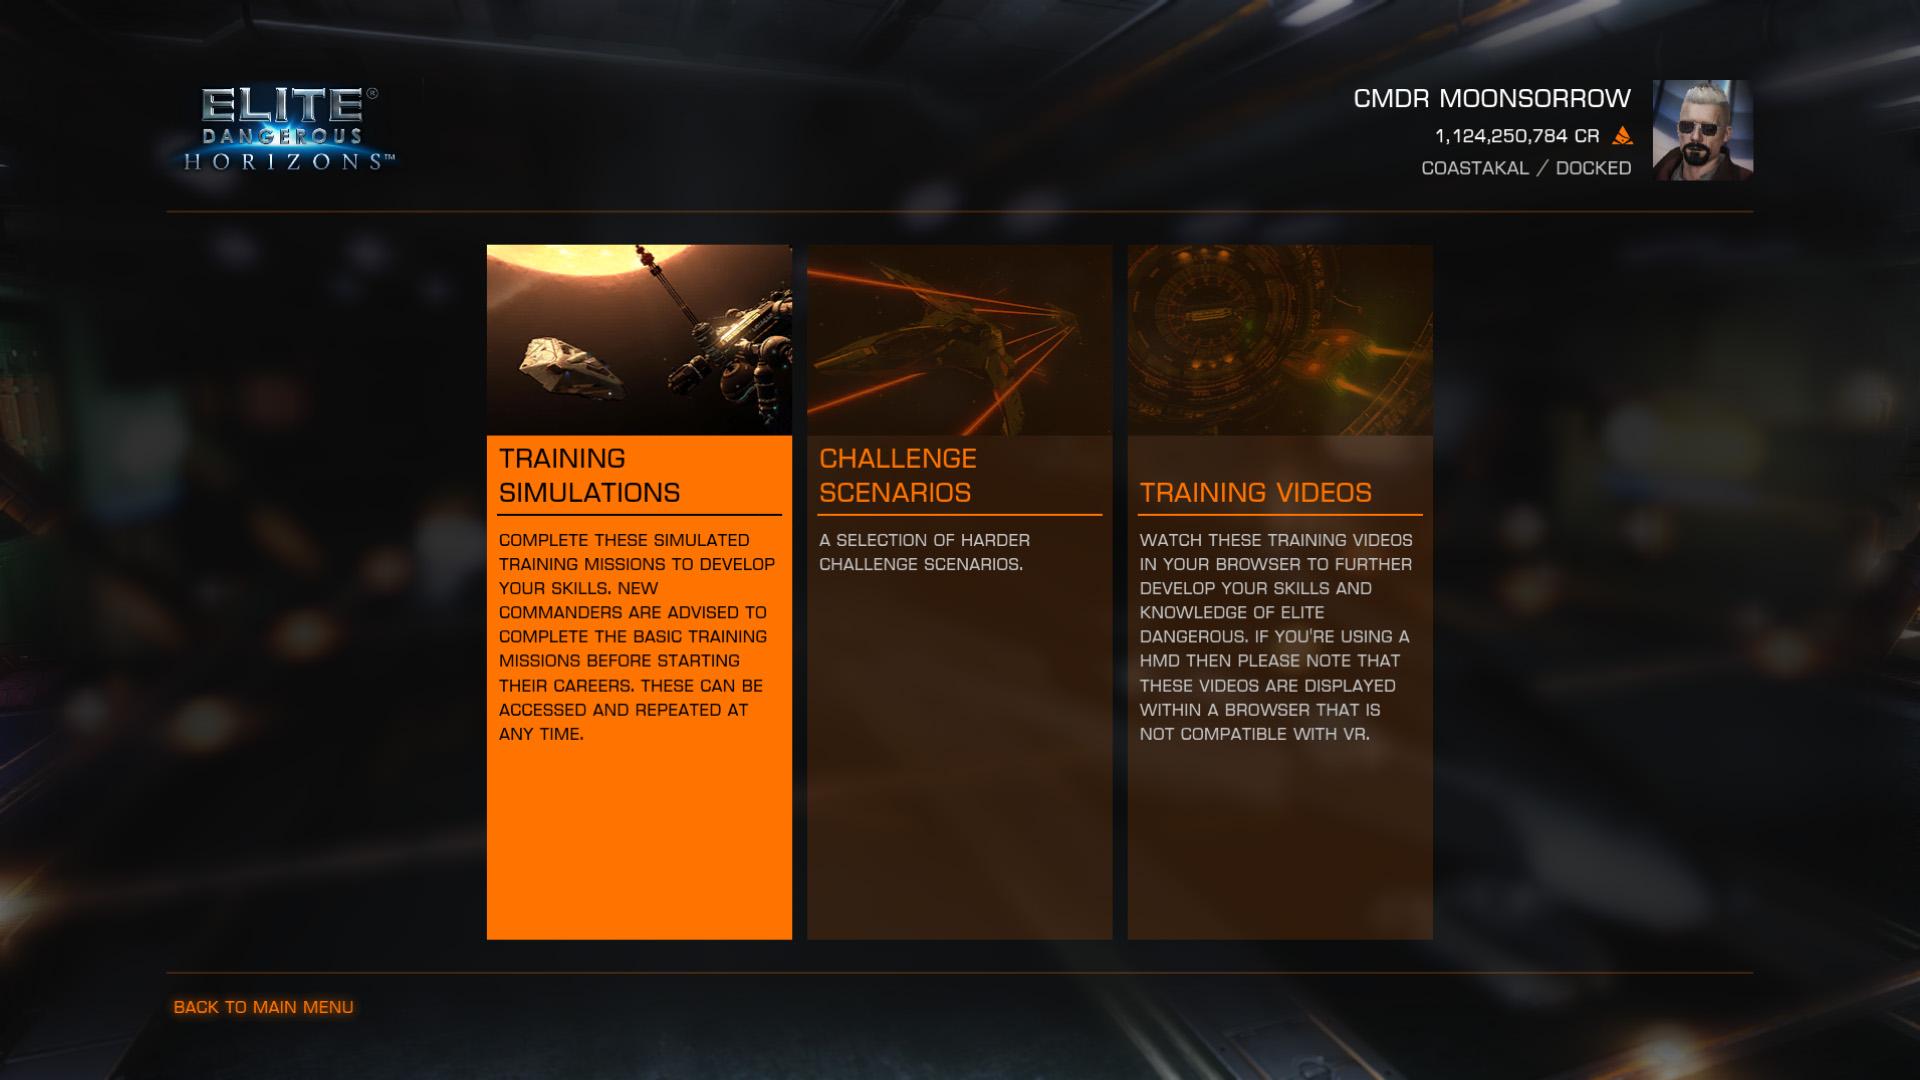 Elite: Dangerous beginner's guide: A screenshot showing the training menu